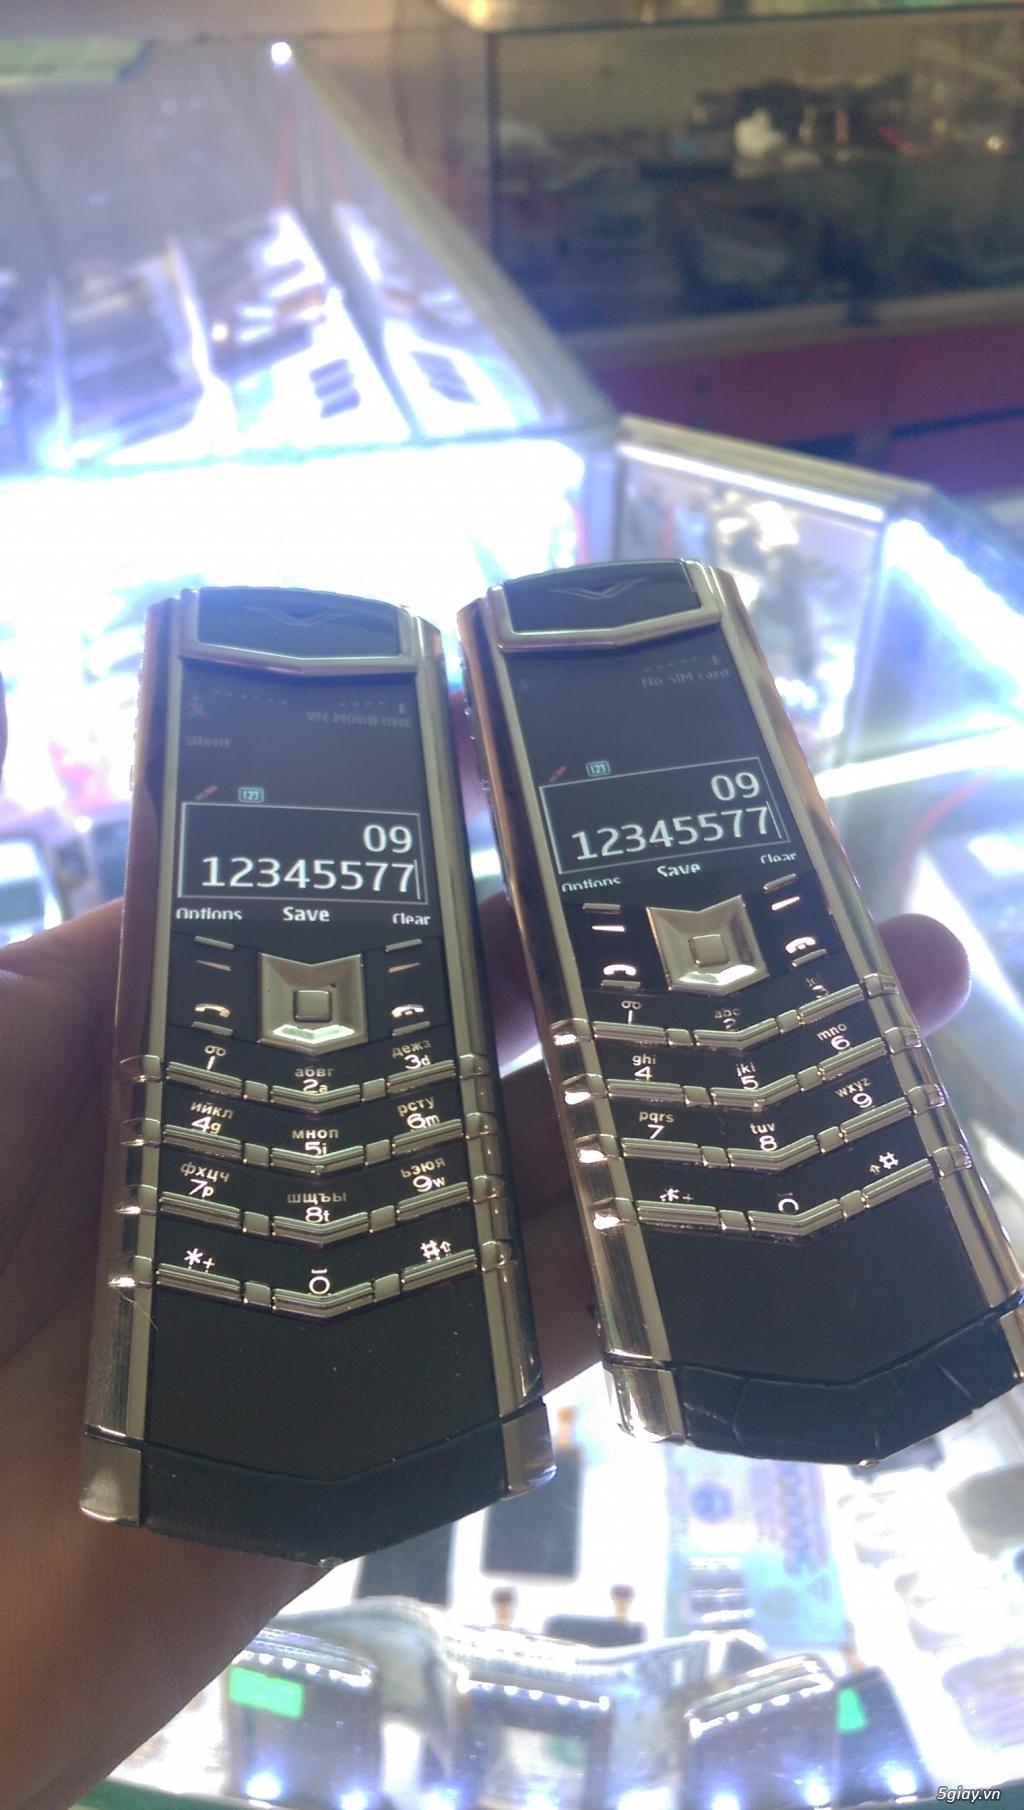 Nokia 8800,8600,6700... - 1